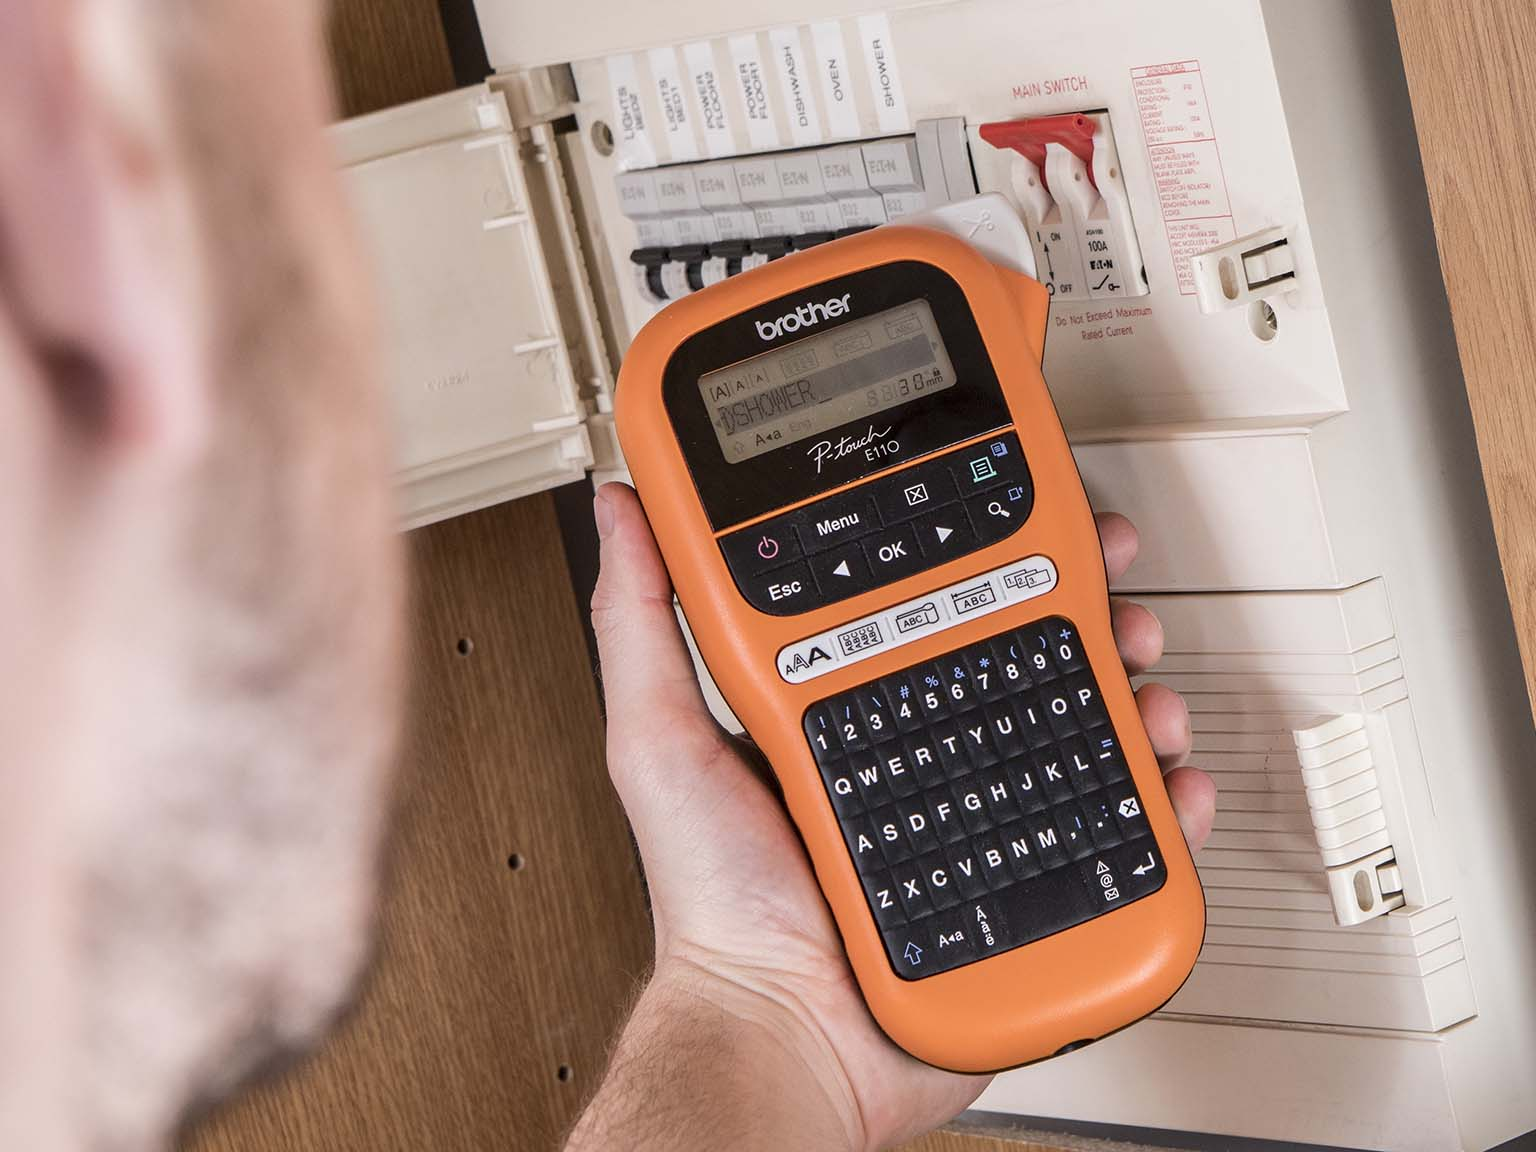 Brother P-touch E110 Beschriftungsgerät vor einem SIcherungskasten